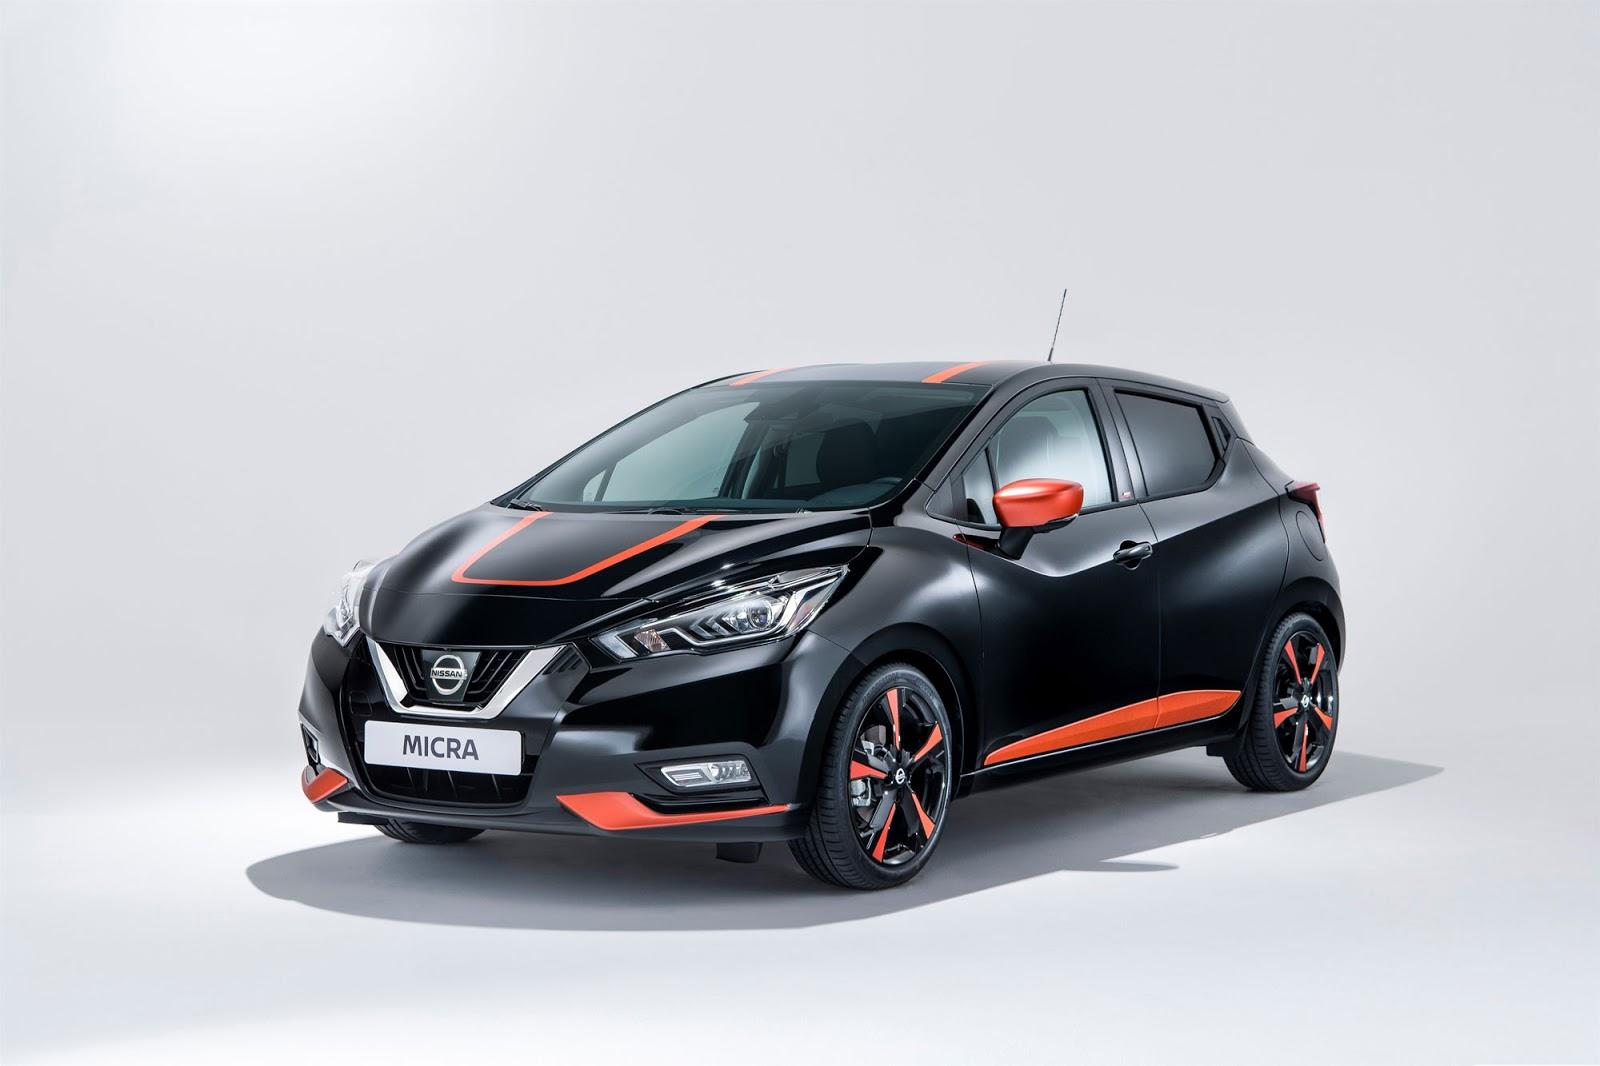 Η Nissan στην Έκθεση Αυτοκινήτου της Γενεύης 2017